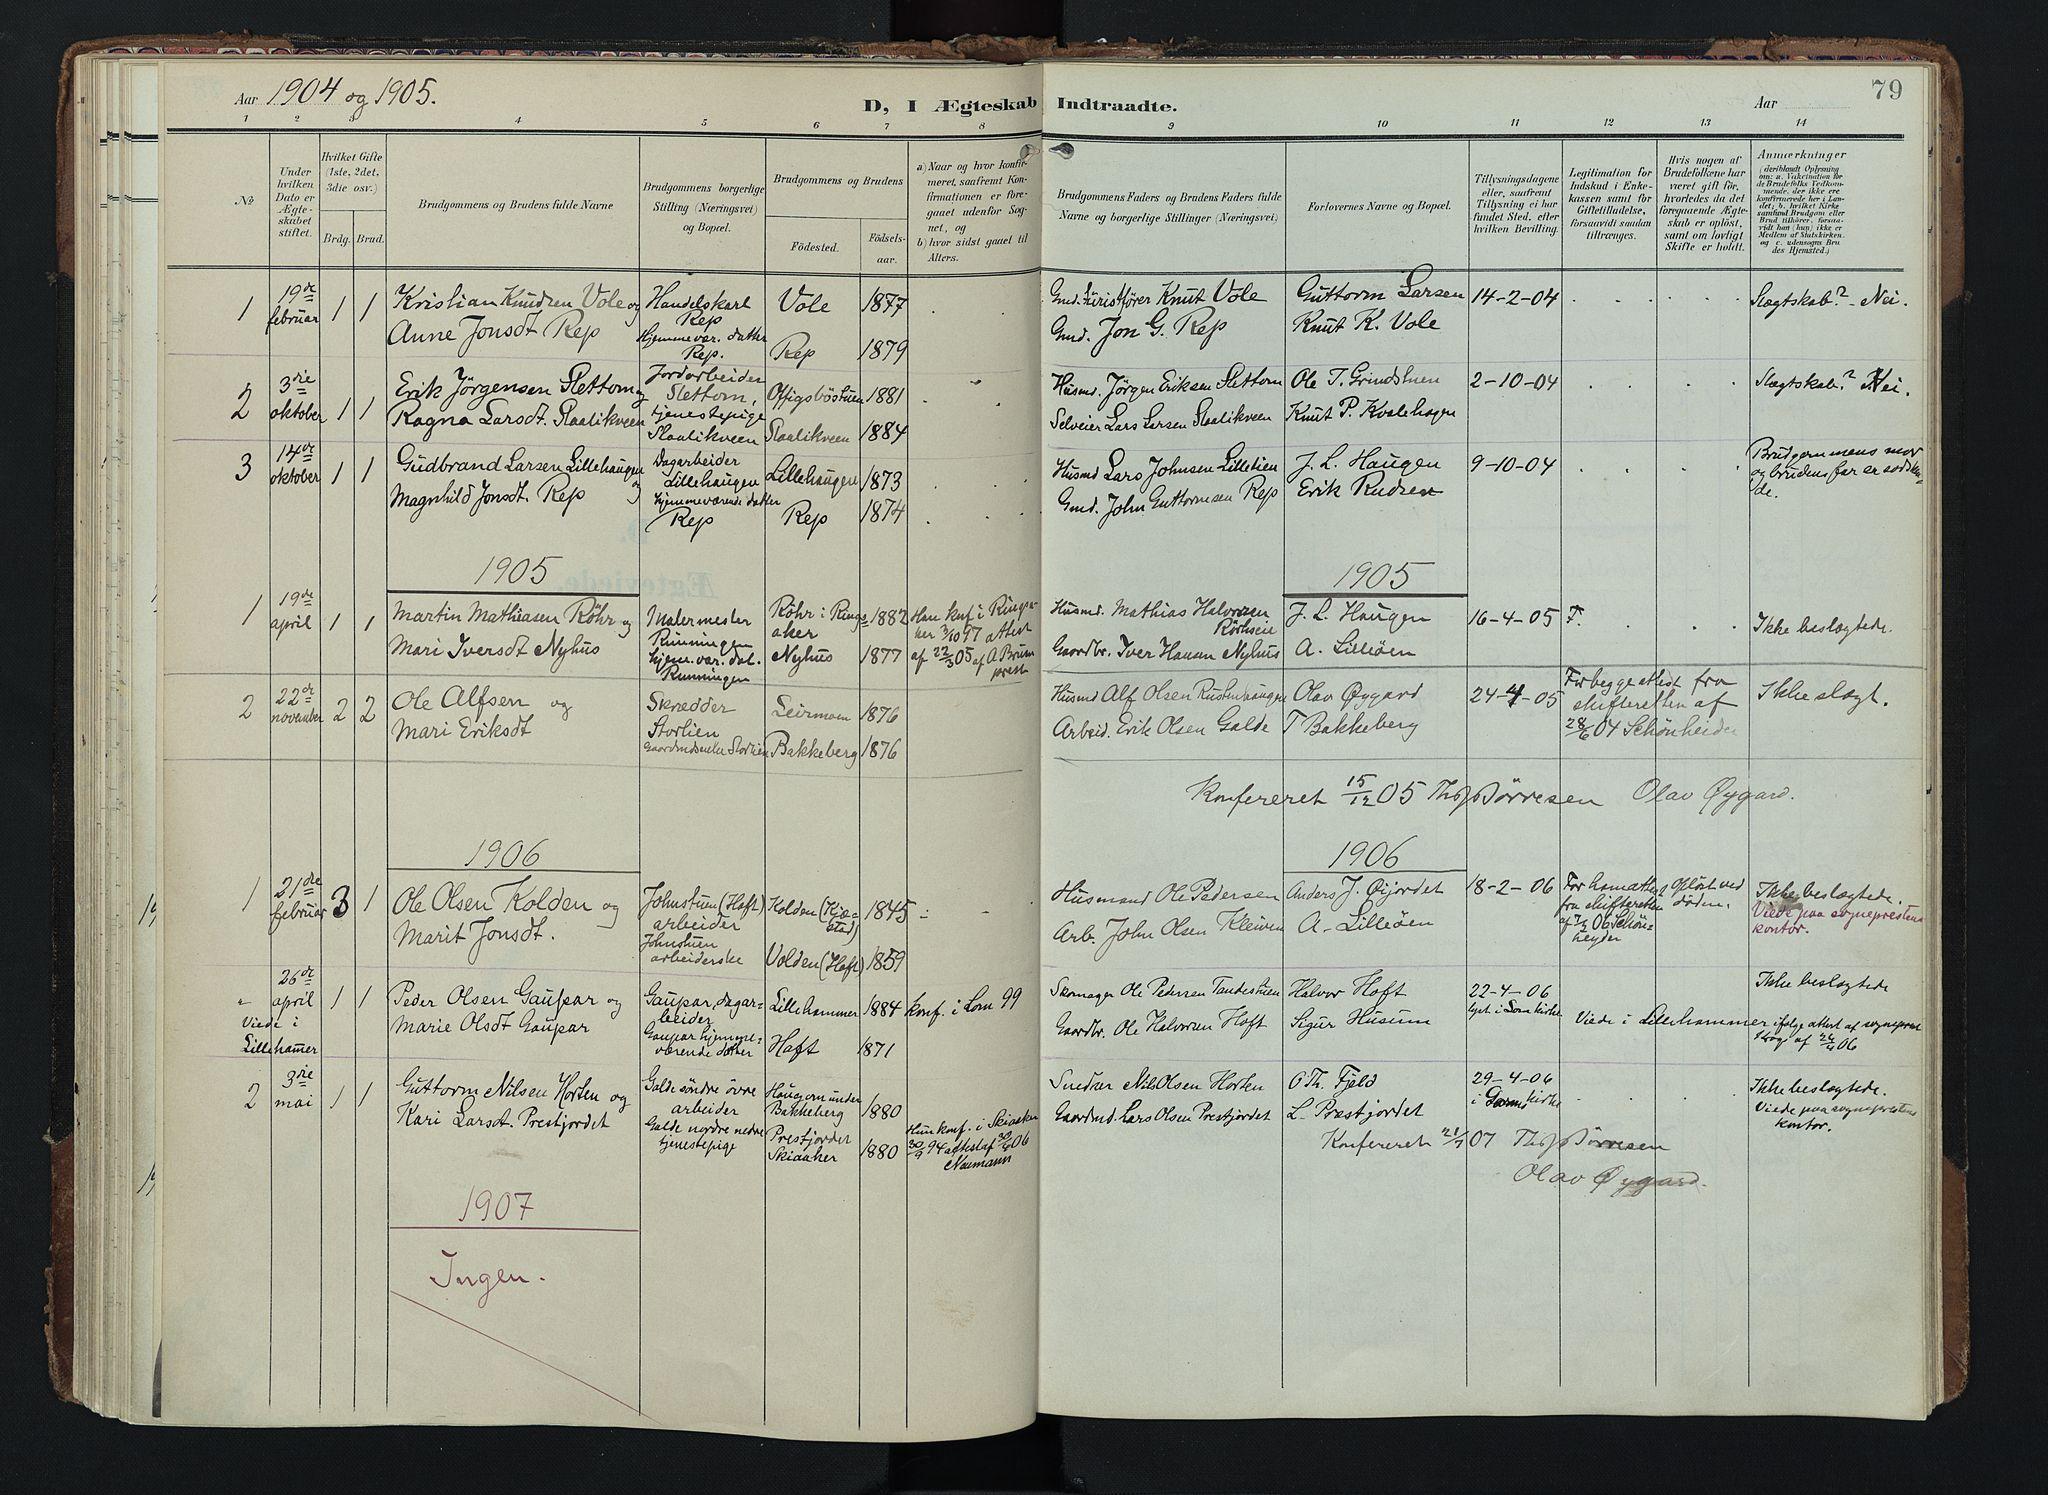 SAH, Lom prestekontor, K/L0012: Ministerialbok nr. 12, 1904-1928, s. 79